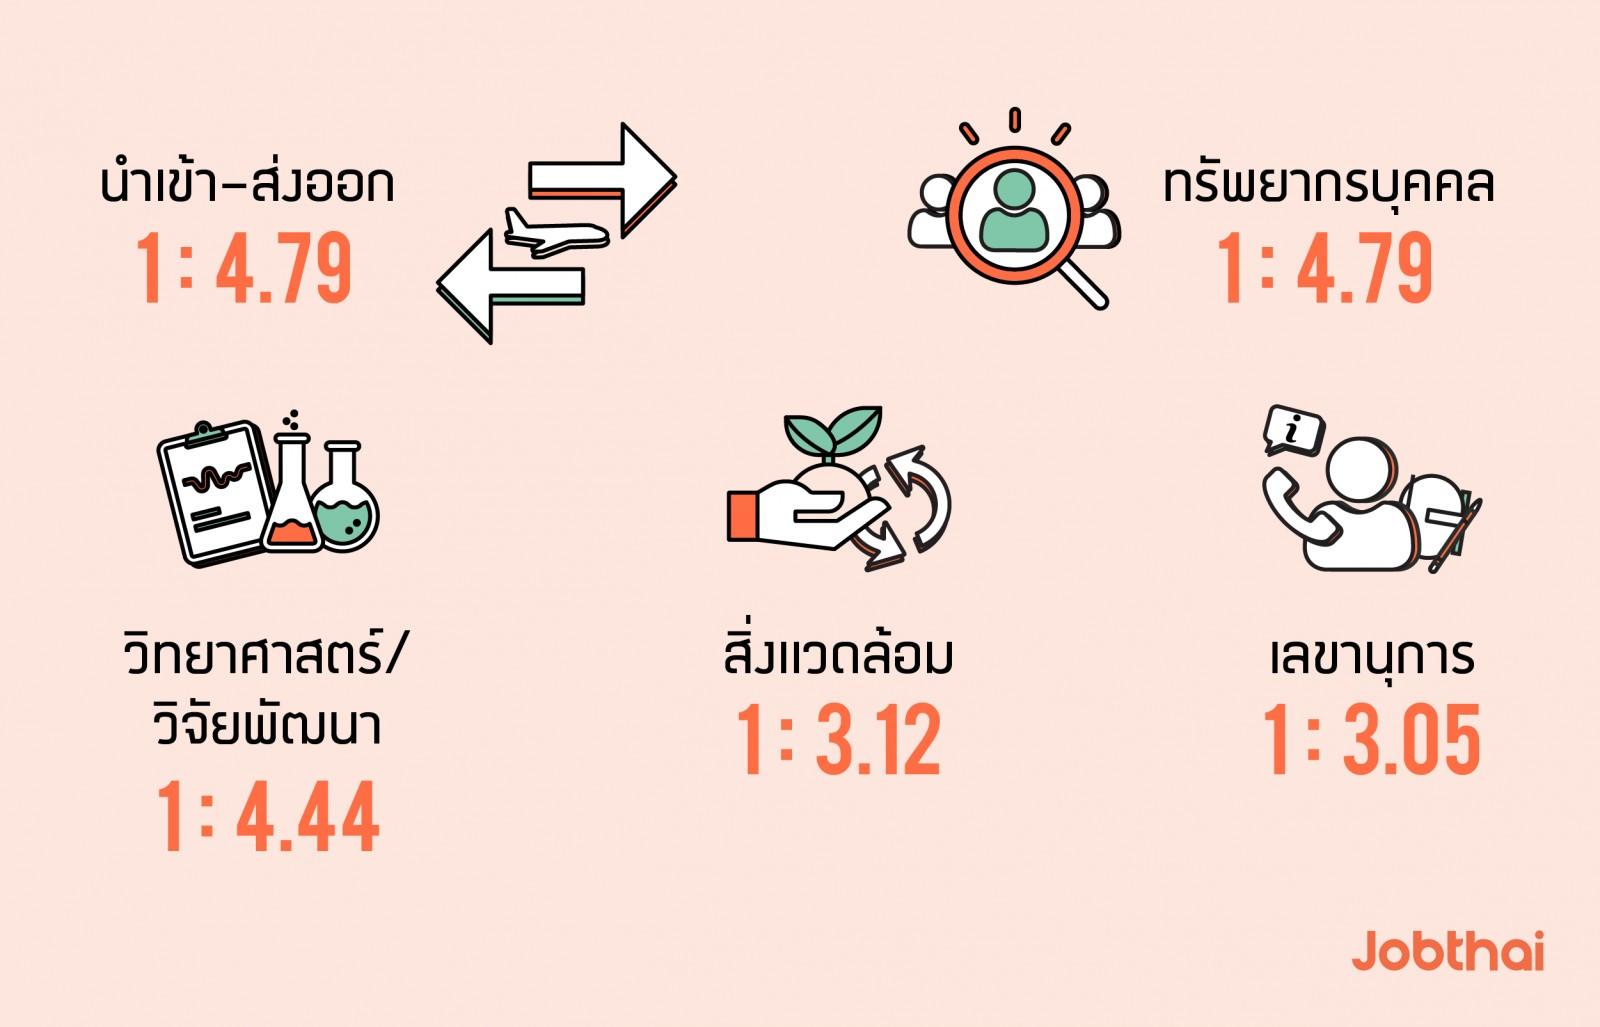 อัปเดตเทรนด์ตลาดแรงงาน งานยอดนิยม และงานที่มีอัตราการแข่งขันสูงในช่วง 6 เดือนแรกของปี 2562 อัตราการแข่งขัน